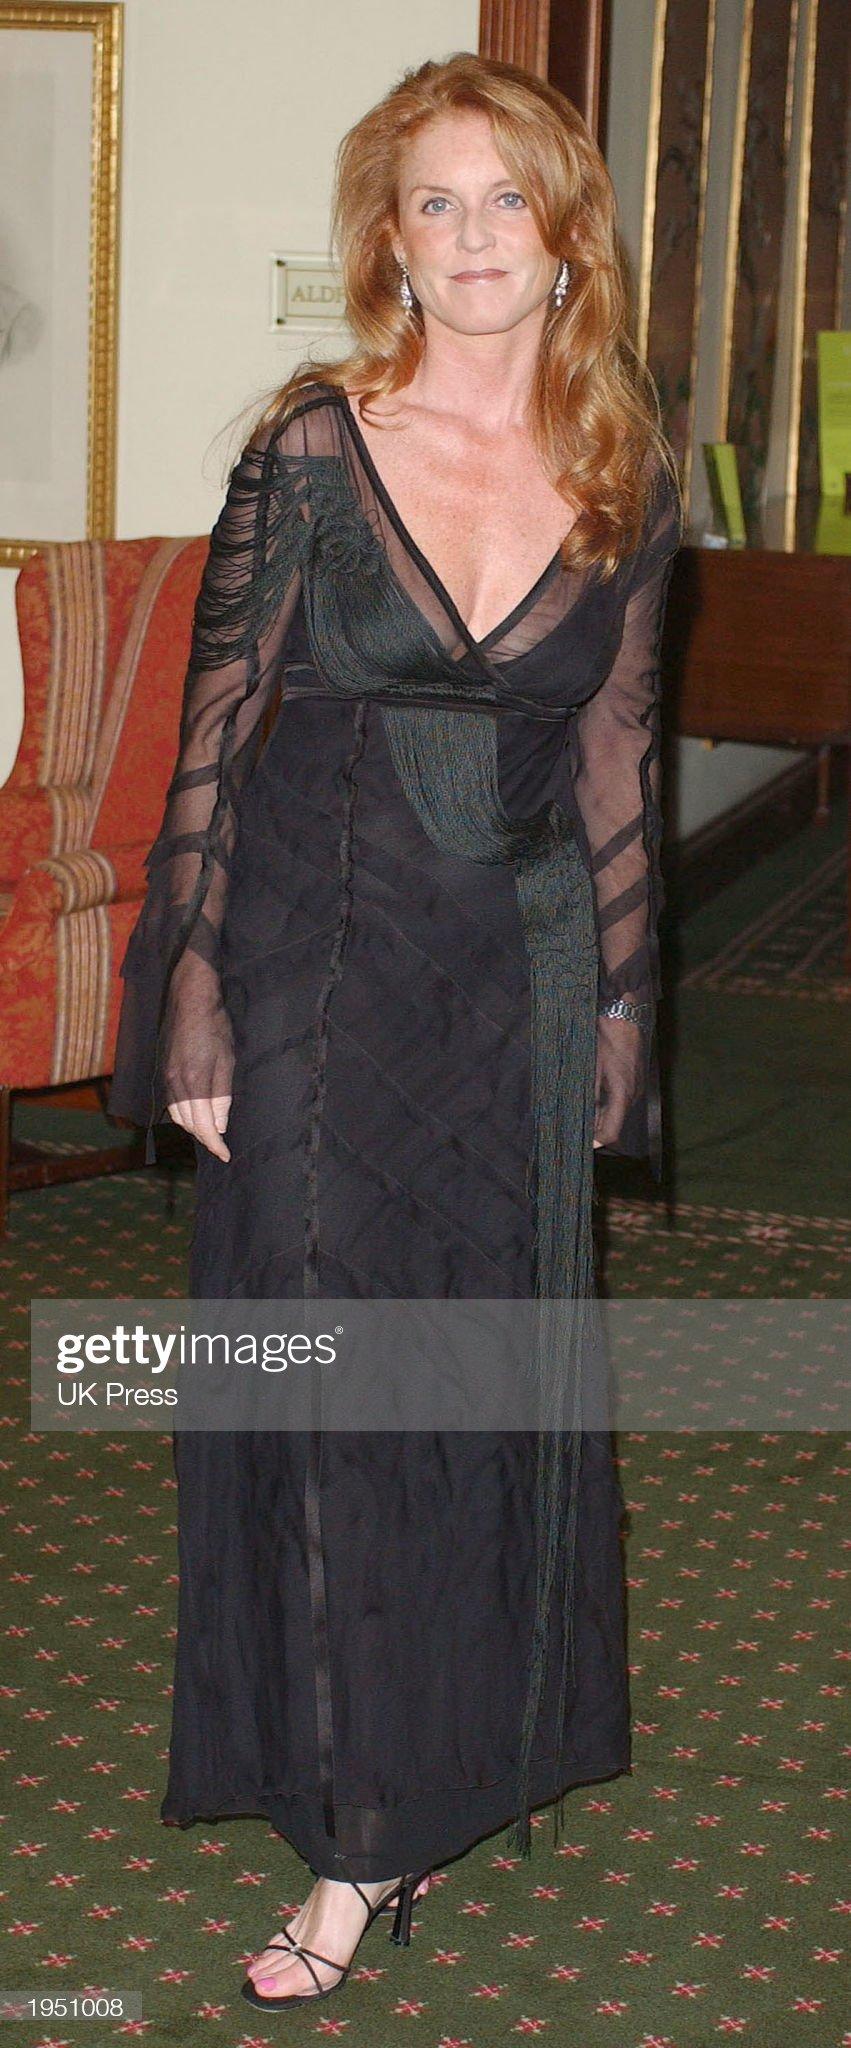 Вечерние наряды Отем пока еще Филлипс и Сары Йоркской The Duchess of York Sarah Ferguson At Dinner : News Photo